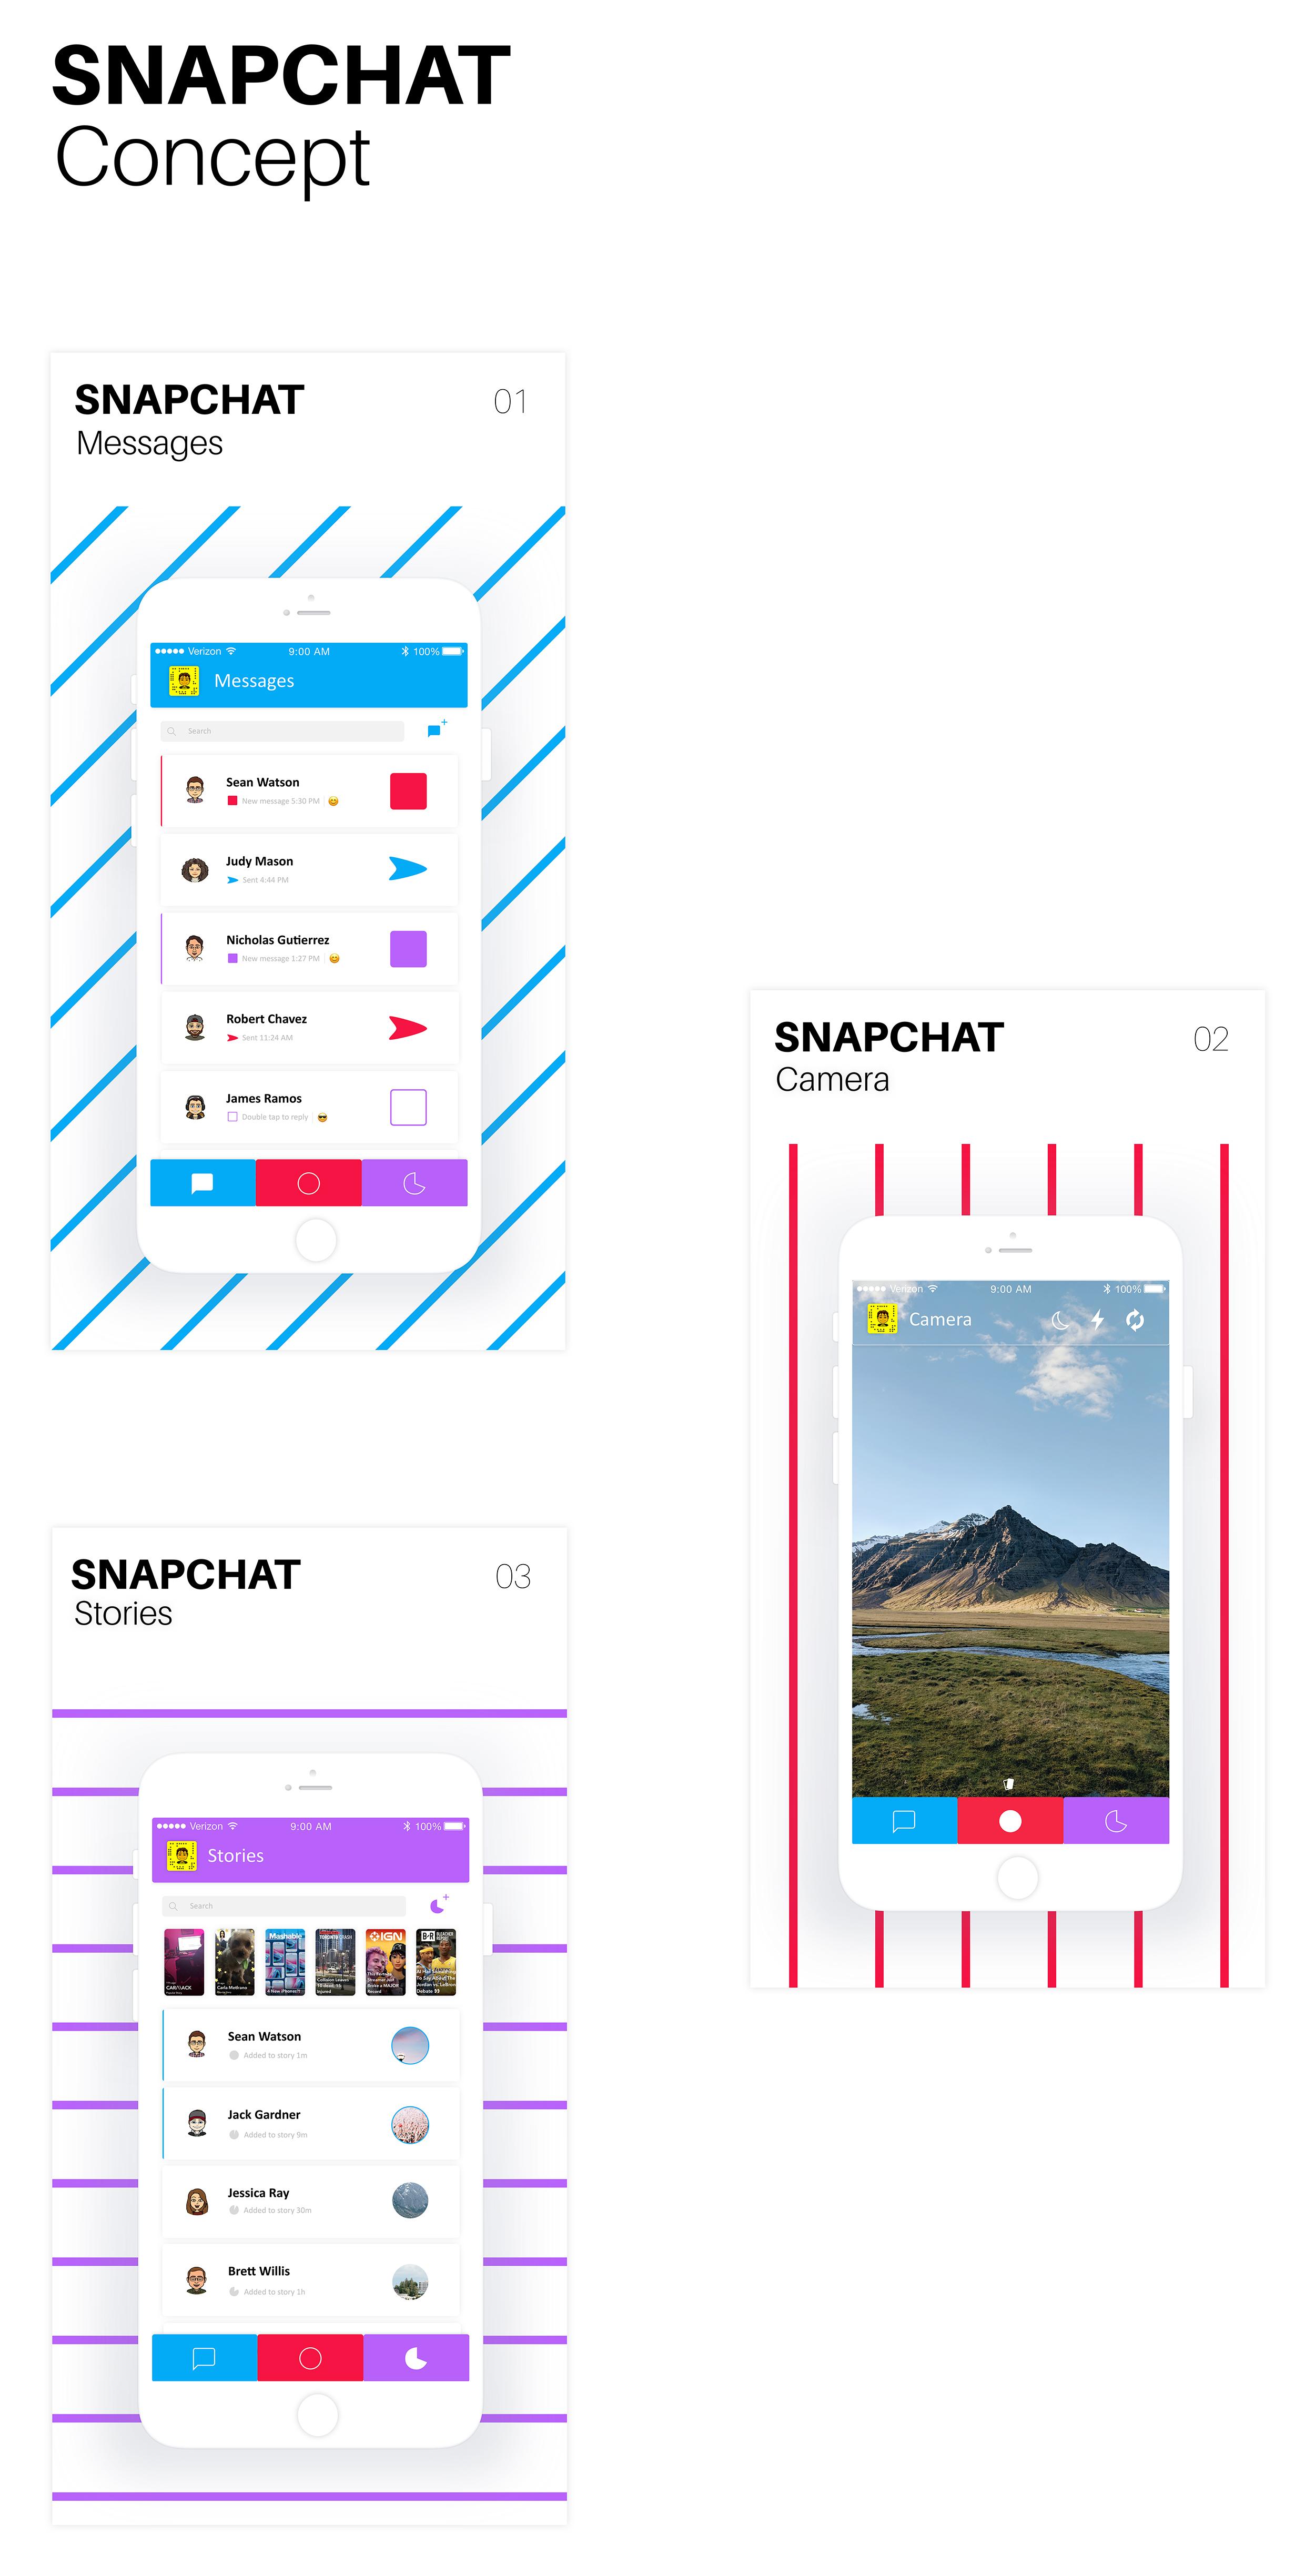 snapchat concepts.jpg